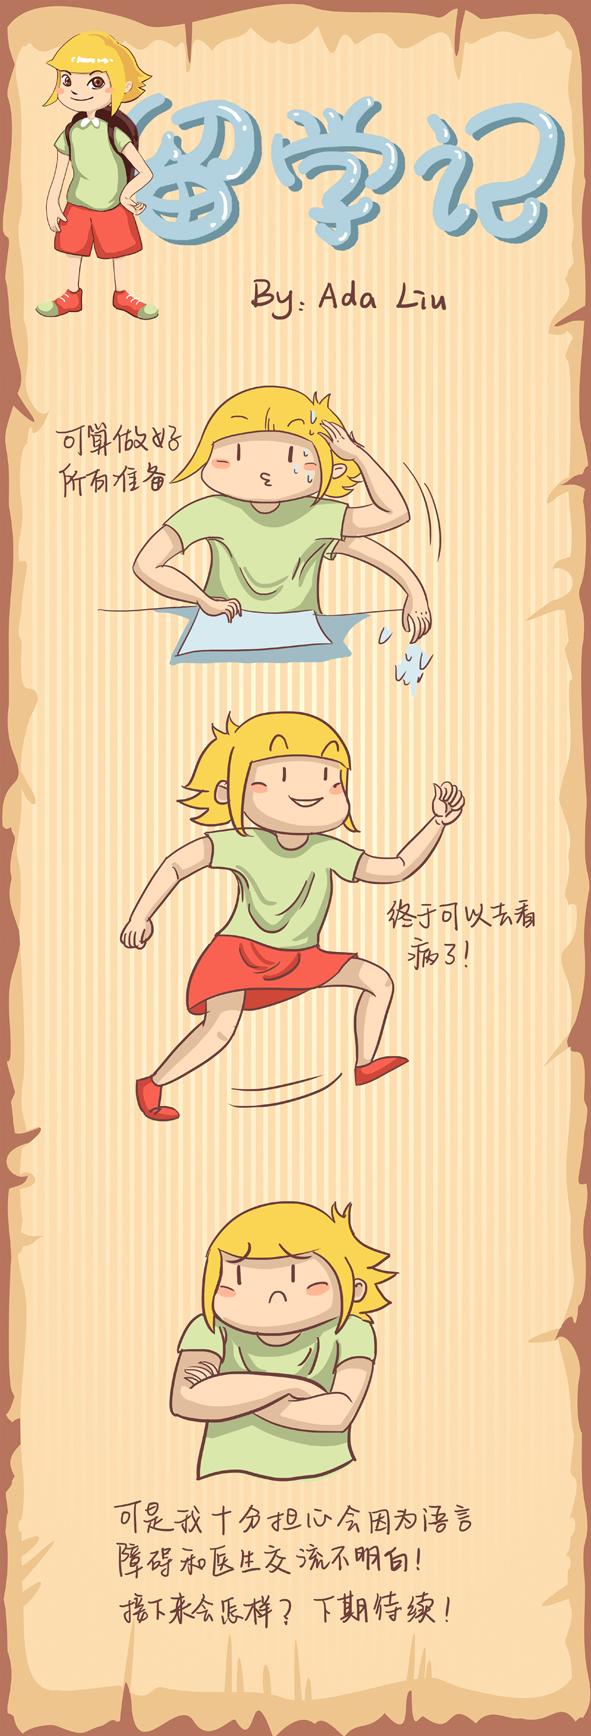 查看《留学记漫画连载——痘痘与医保1》原图,原图尺寸:591x1736